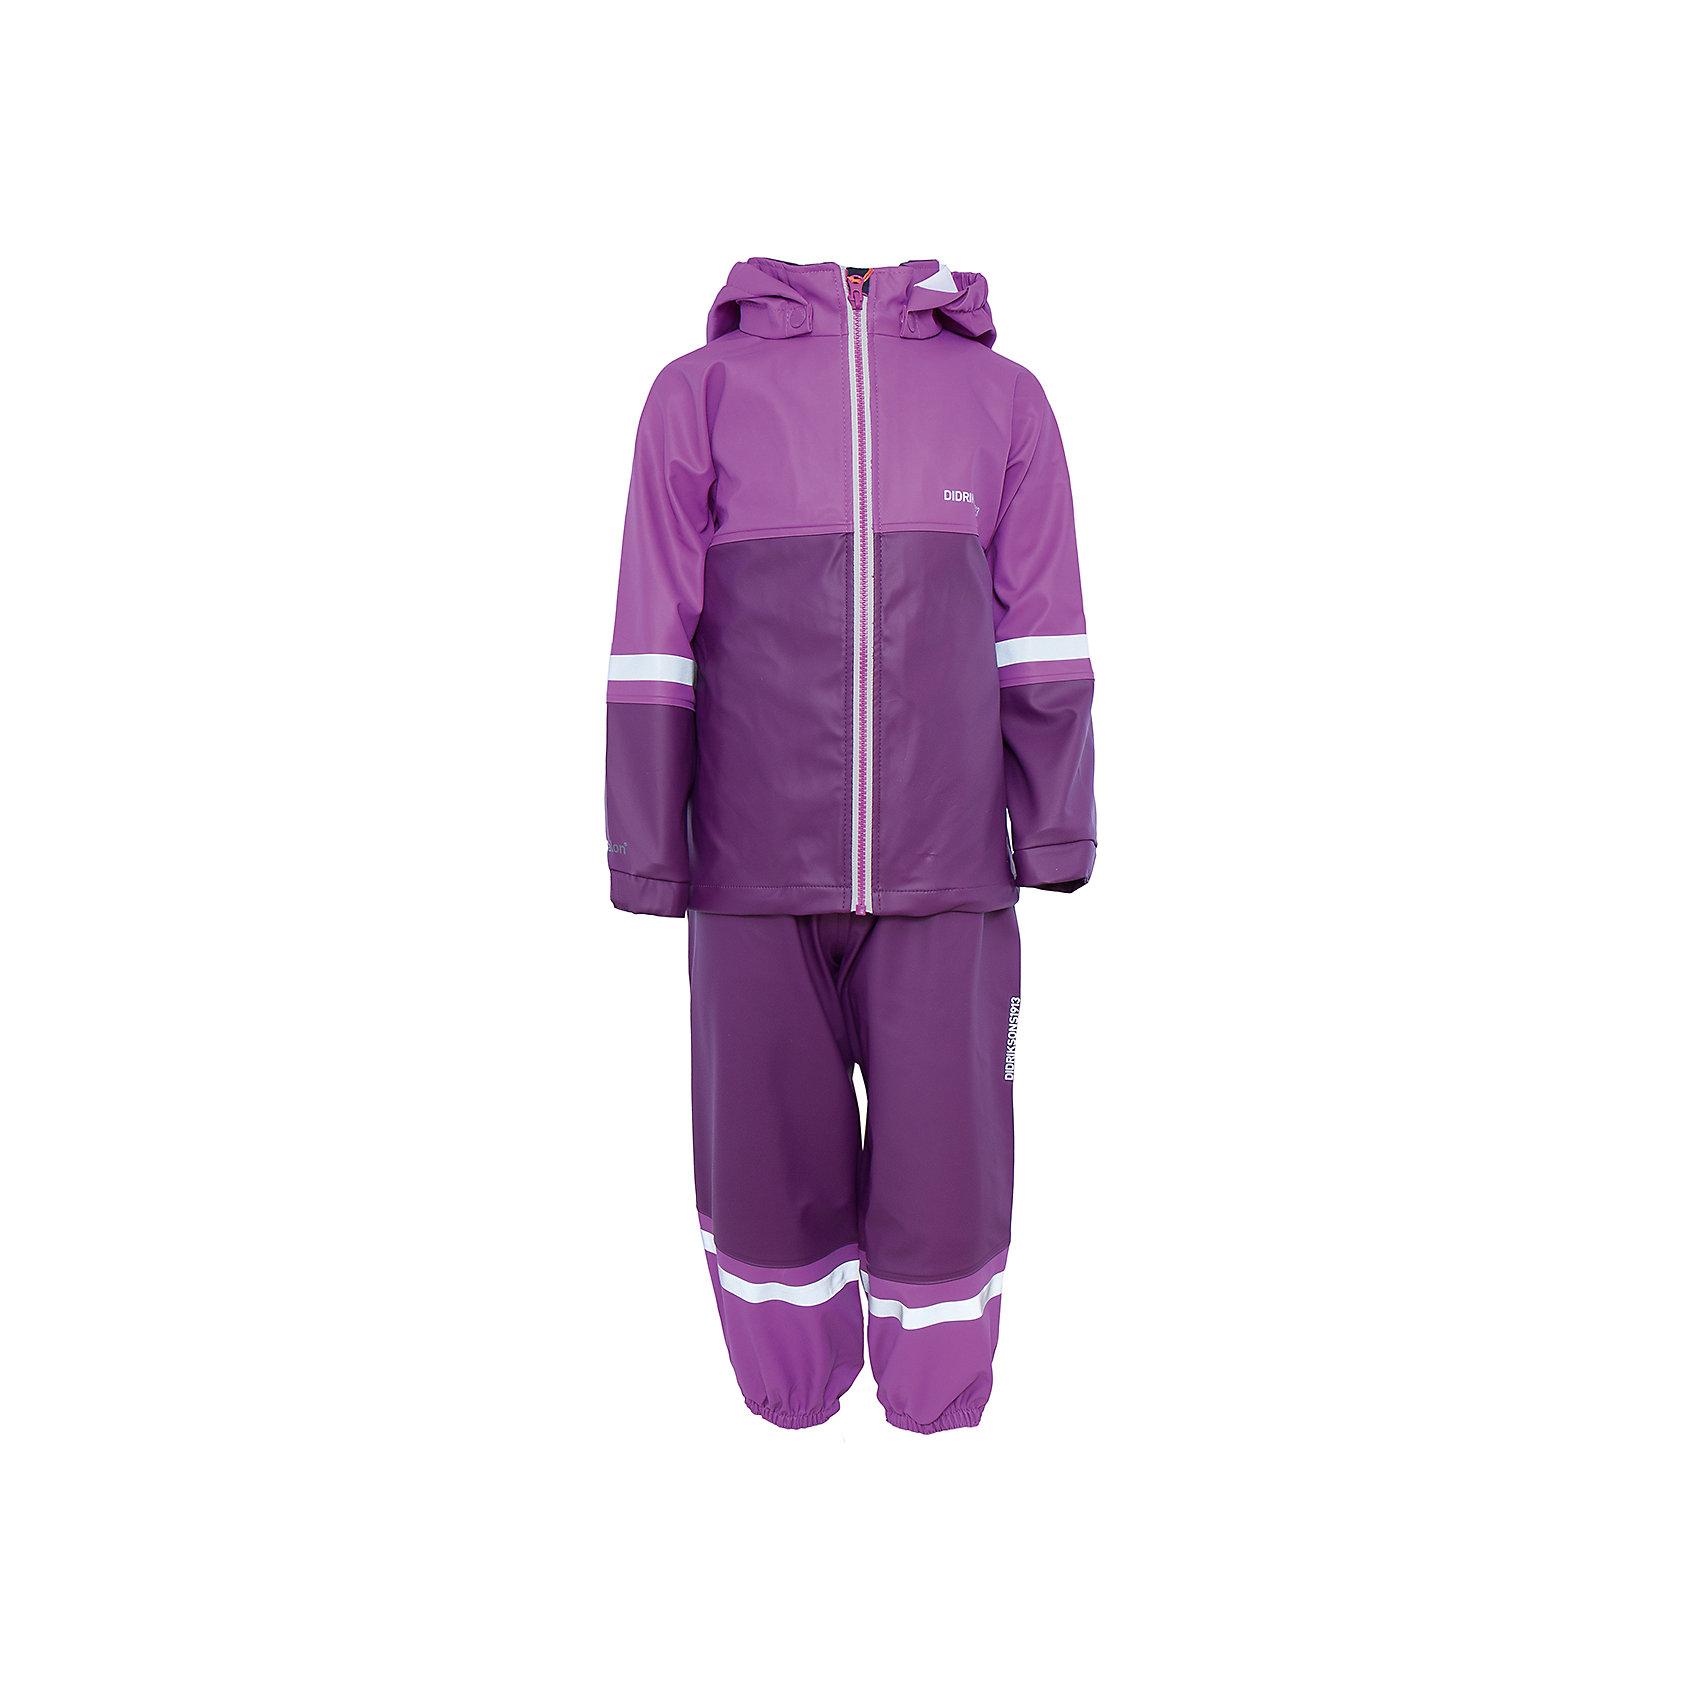 Комплект Waterman: куртка и брюки для девочки DIDRIKSONSХарактеристики товара:<br><br>• цвет: розовый<br>• материал: 100% полиуретан, подкладка - 100% полиэстер<br>• утеплитель: 60 г/м<br>• температура: от +5° до +12° С<br>• непромокаемая ткань<br>• подкладка из флиса<br>• проклеенные швы<br>• регулируемый съемный капюшон<br>• регулируемый пояс брюк<br>• фронтальная молния под планкой<br>• светоотражающие детали<br>• зона коленей усилена дополнительным слоем ткани<br>• грязь легко удаляется с помощью влажной губки или ткани<br>• резинки для ботинок<br>• страна бренда: Швеция<br>• страна производства: Китай<br><br>Такой непромокаемый костюм понадобится в холодную и сырую погоду! Он не только стильный, но еще и очень комфортный. Костюм обеспечит ребенку удобство при прогулках и активном отдыхе в межсезонье или оттепель. Такая модель от шведского производителя легко чистится, она оснащена разными полезными деталями.<br>Материал костюма - непромокаемый, швы дополнительно проклеены. Очень стильная и удобная модель! Изделие качественно выполнено, сделано из безопасных для детей материалов. <br><br>Комплект: куртку и брюки для девочки от бренда DIDRIKSONS можно купить в нашем интернет-магазине.<br><br>Ширина мм: 356<br>Глубина мм: 10<br>Высота мм: 245<br>Вес г: 519<br>Цвет: розовый<br>Возраст от месяцев: 18<br>Возраст до месяцев: 24<br>Пол: Женский<br>Возраст: Детский<br>Размер: 90,100,110,120,80,70<br>SKU: 5043804